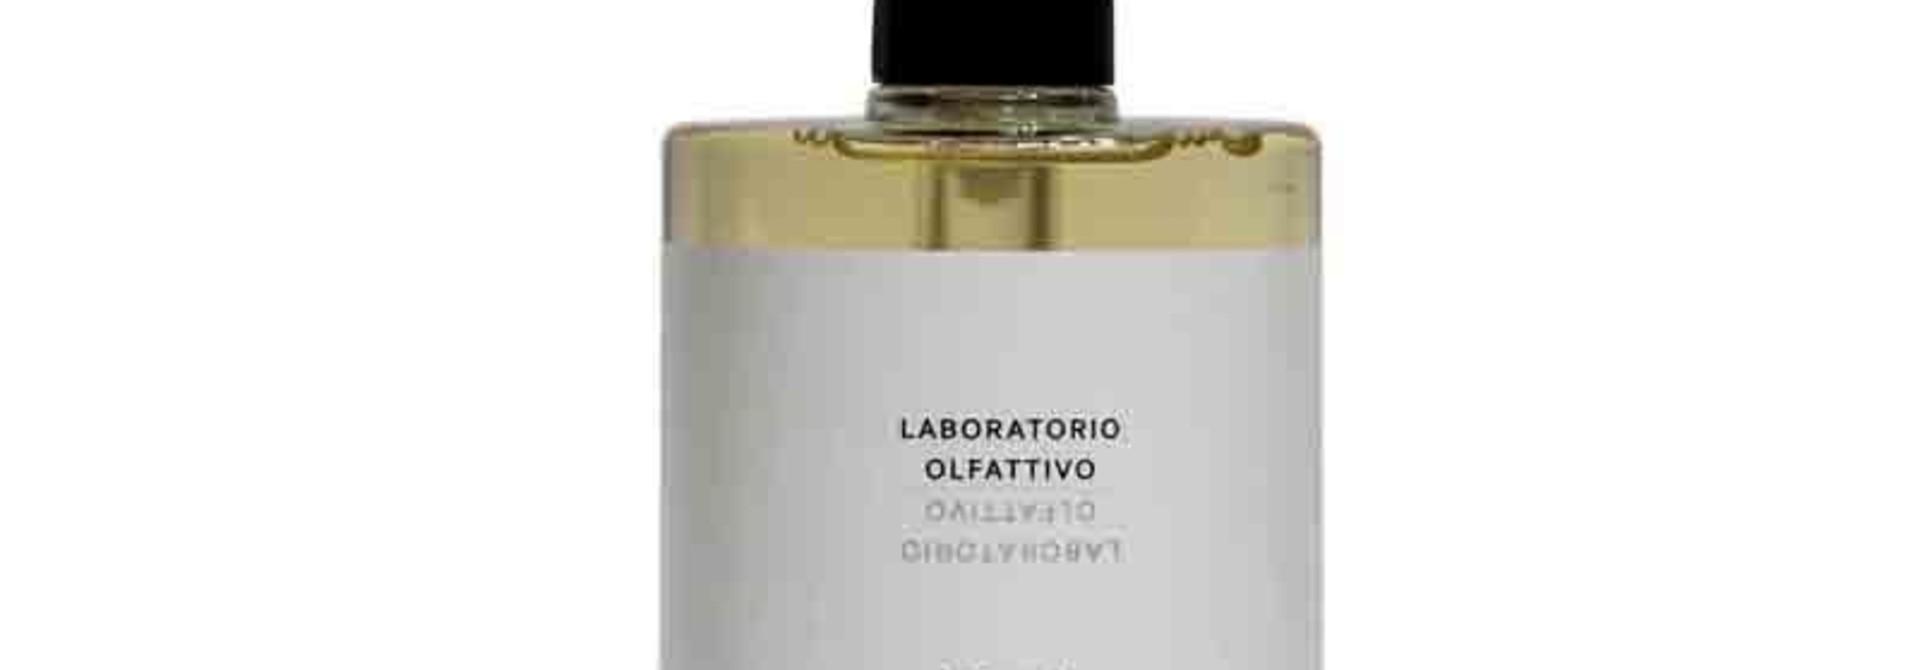 Argumeto - 500ml Liquid Soap